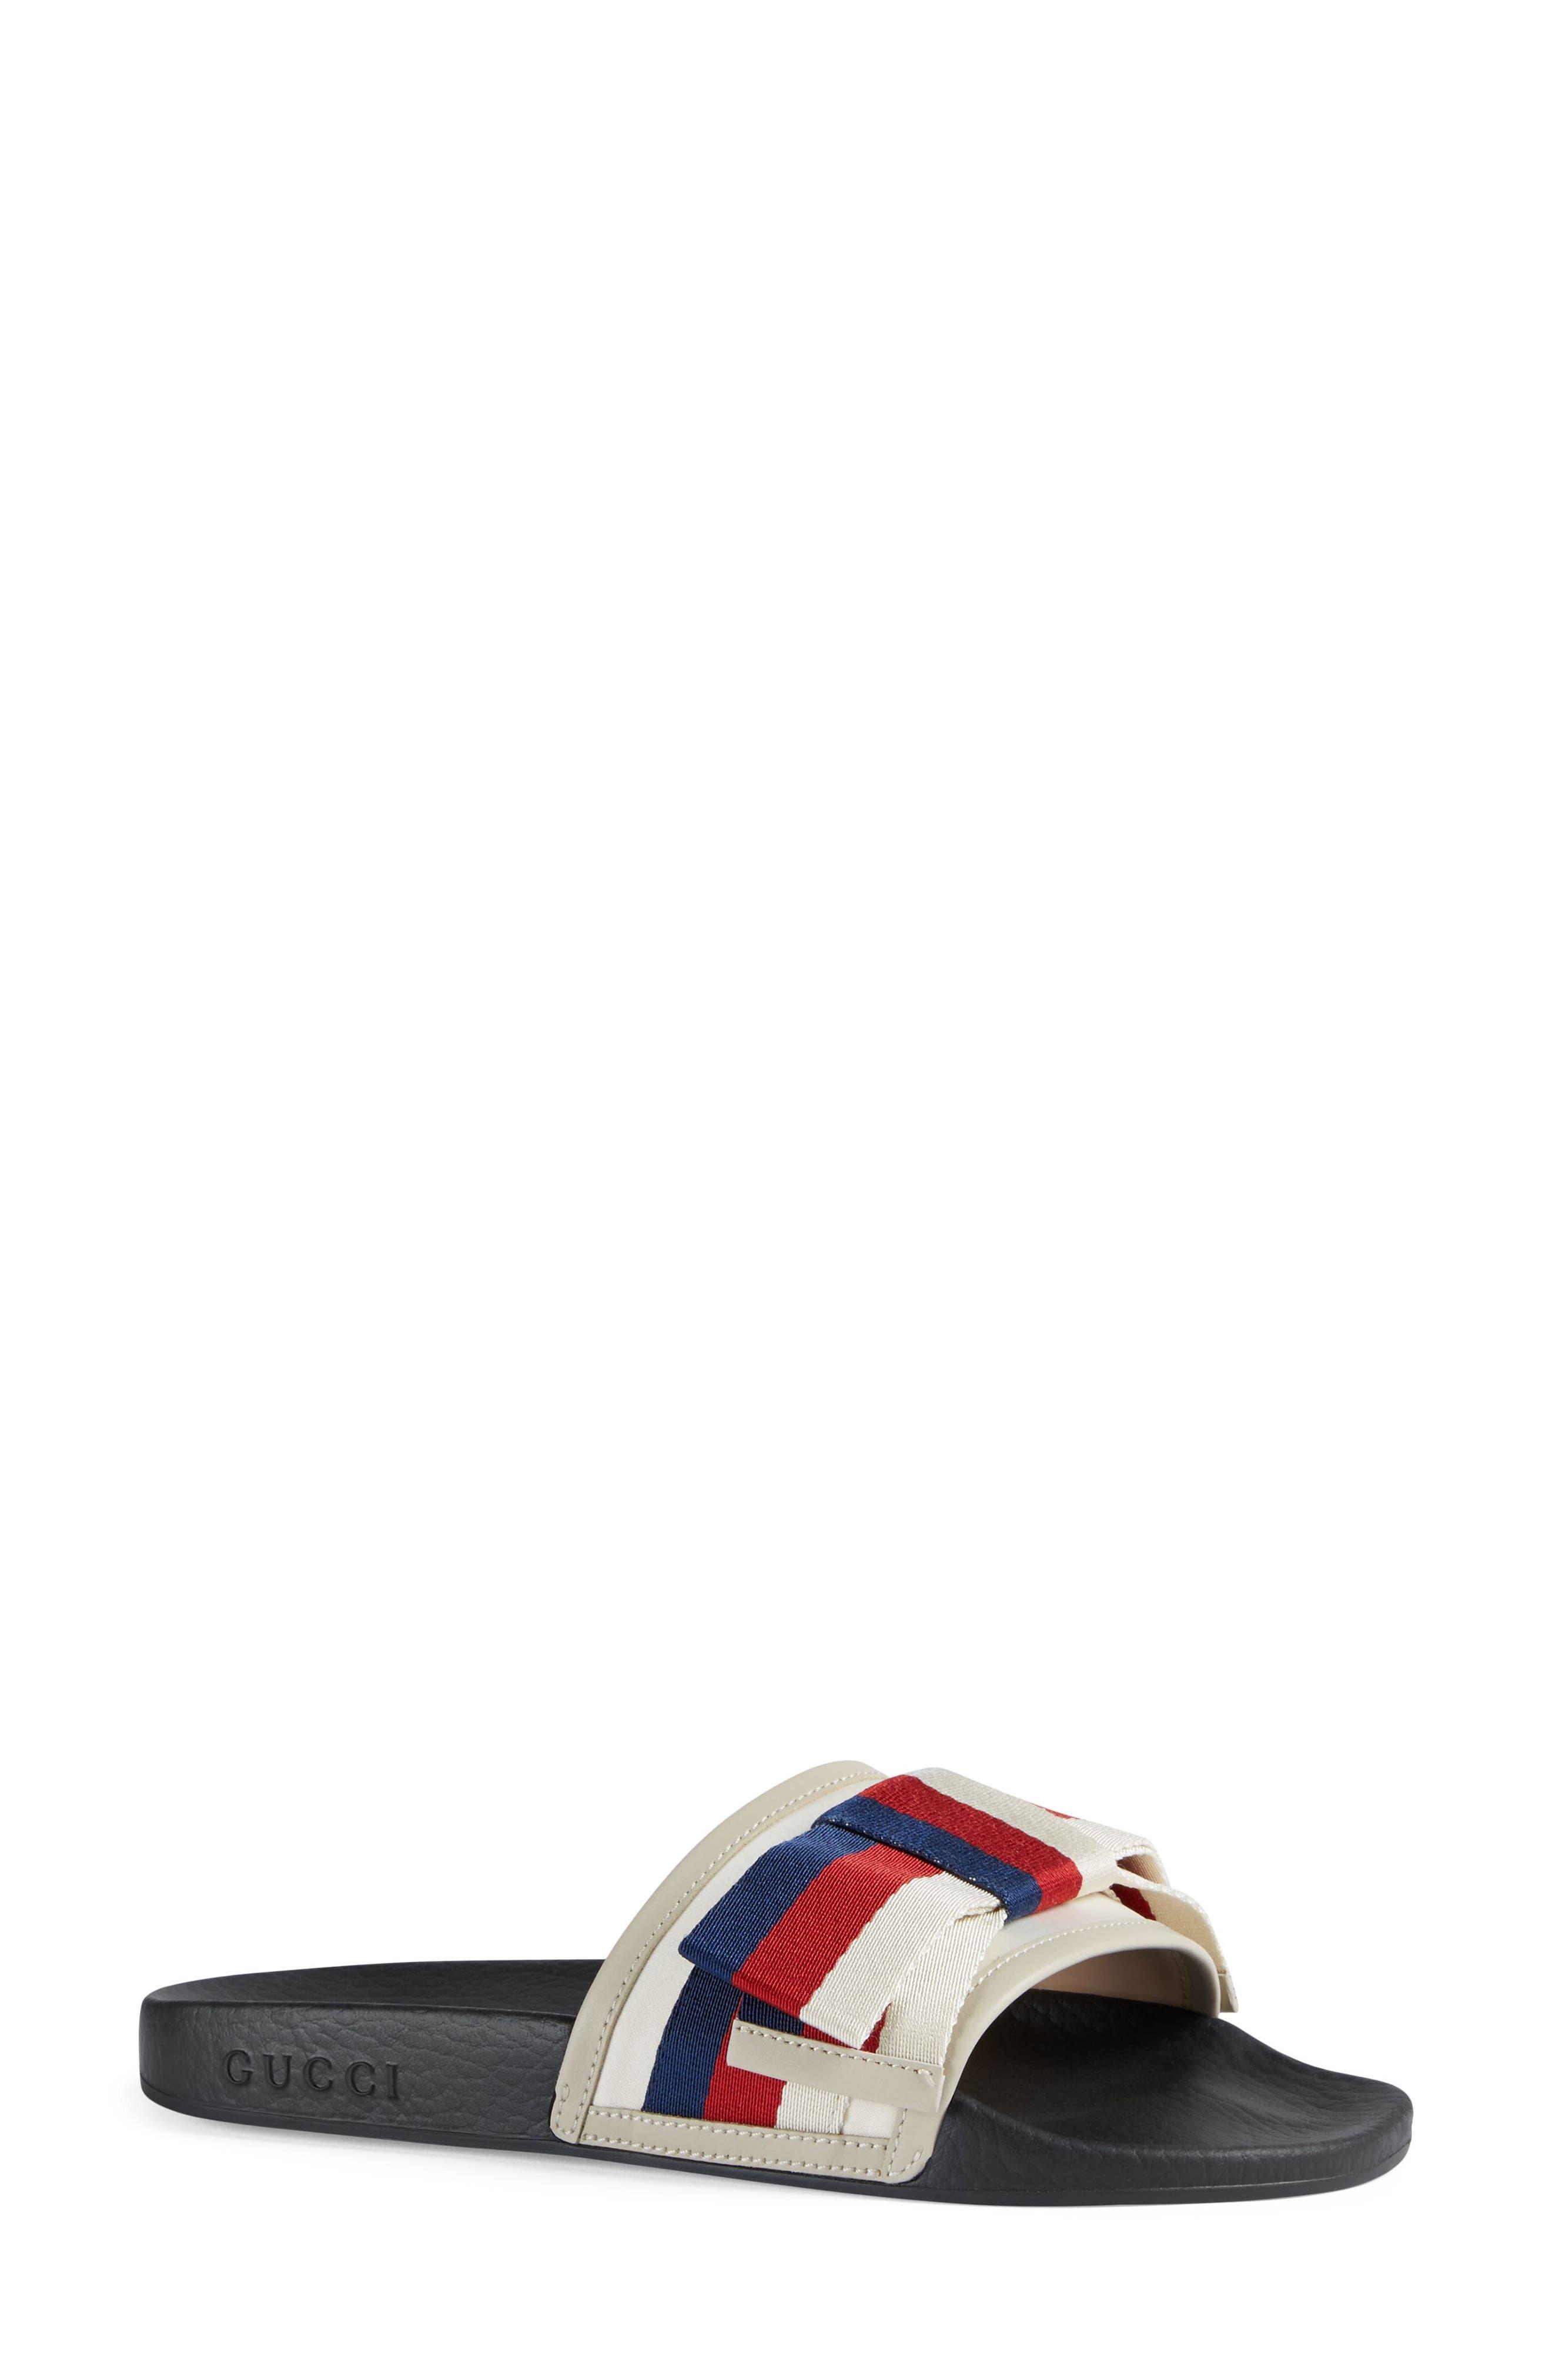 Pursuit Bow Slide Sandal,                         Main,                         color, Ivory